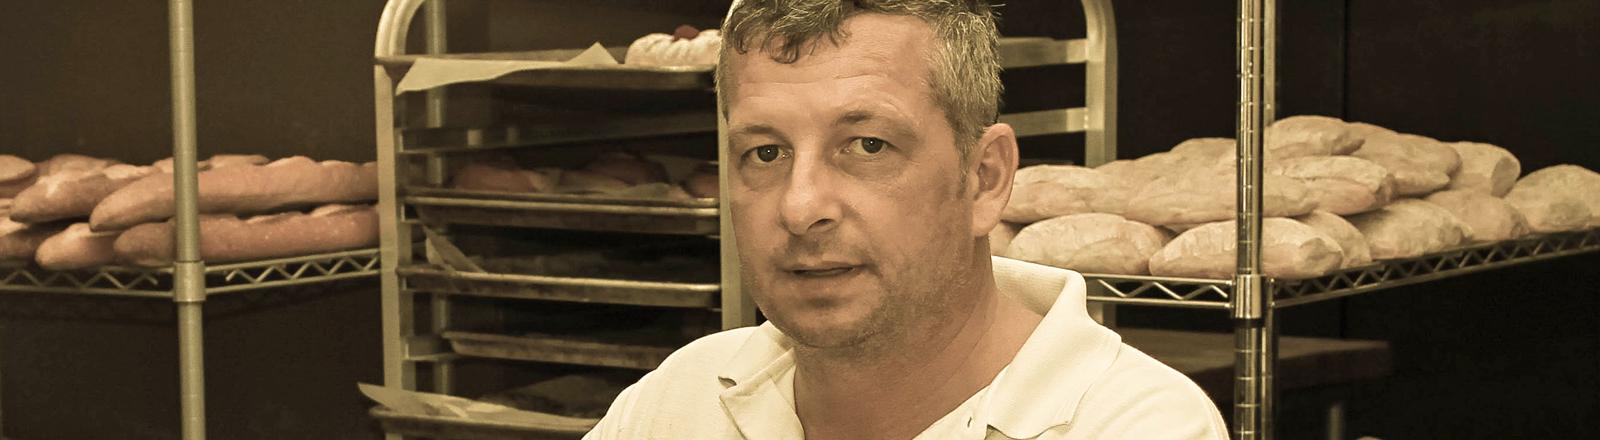 Markus Saffert steht in seiner Bäckerei. Hinter ihm liegen in Regalen Brötchen und Baguettes. Saffert hat kurze, leicht ergraute Haare und braune Augen.